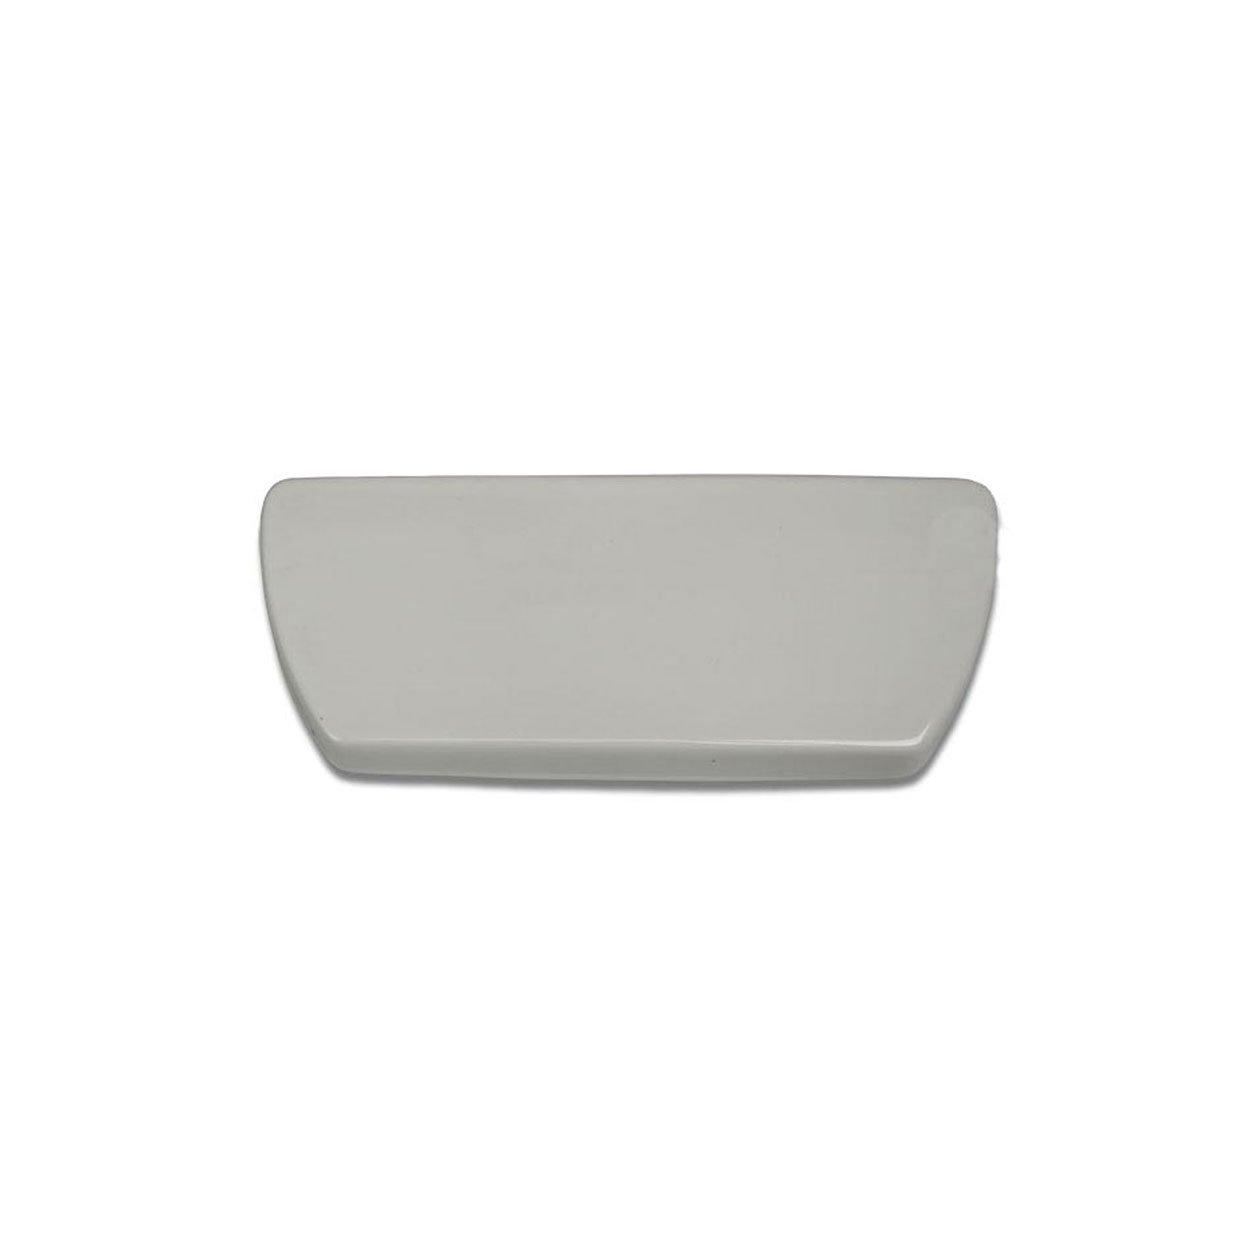 KOHLER K-84591-55 Well Worth Toilet Tank Cover Innocent Blush